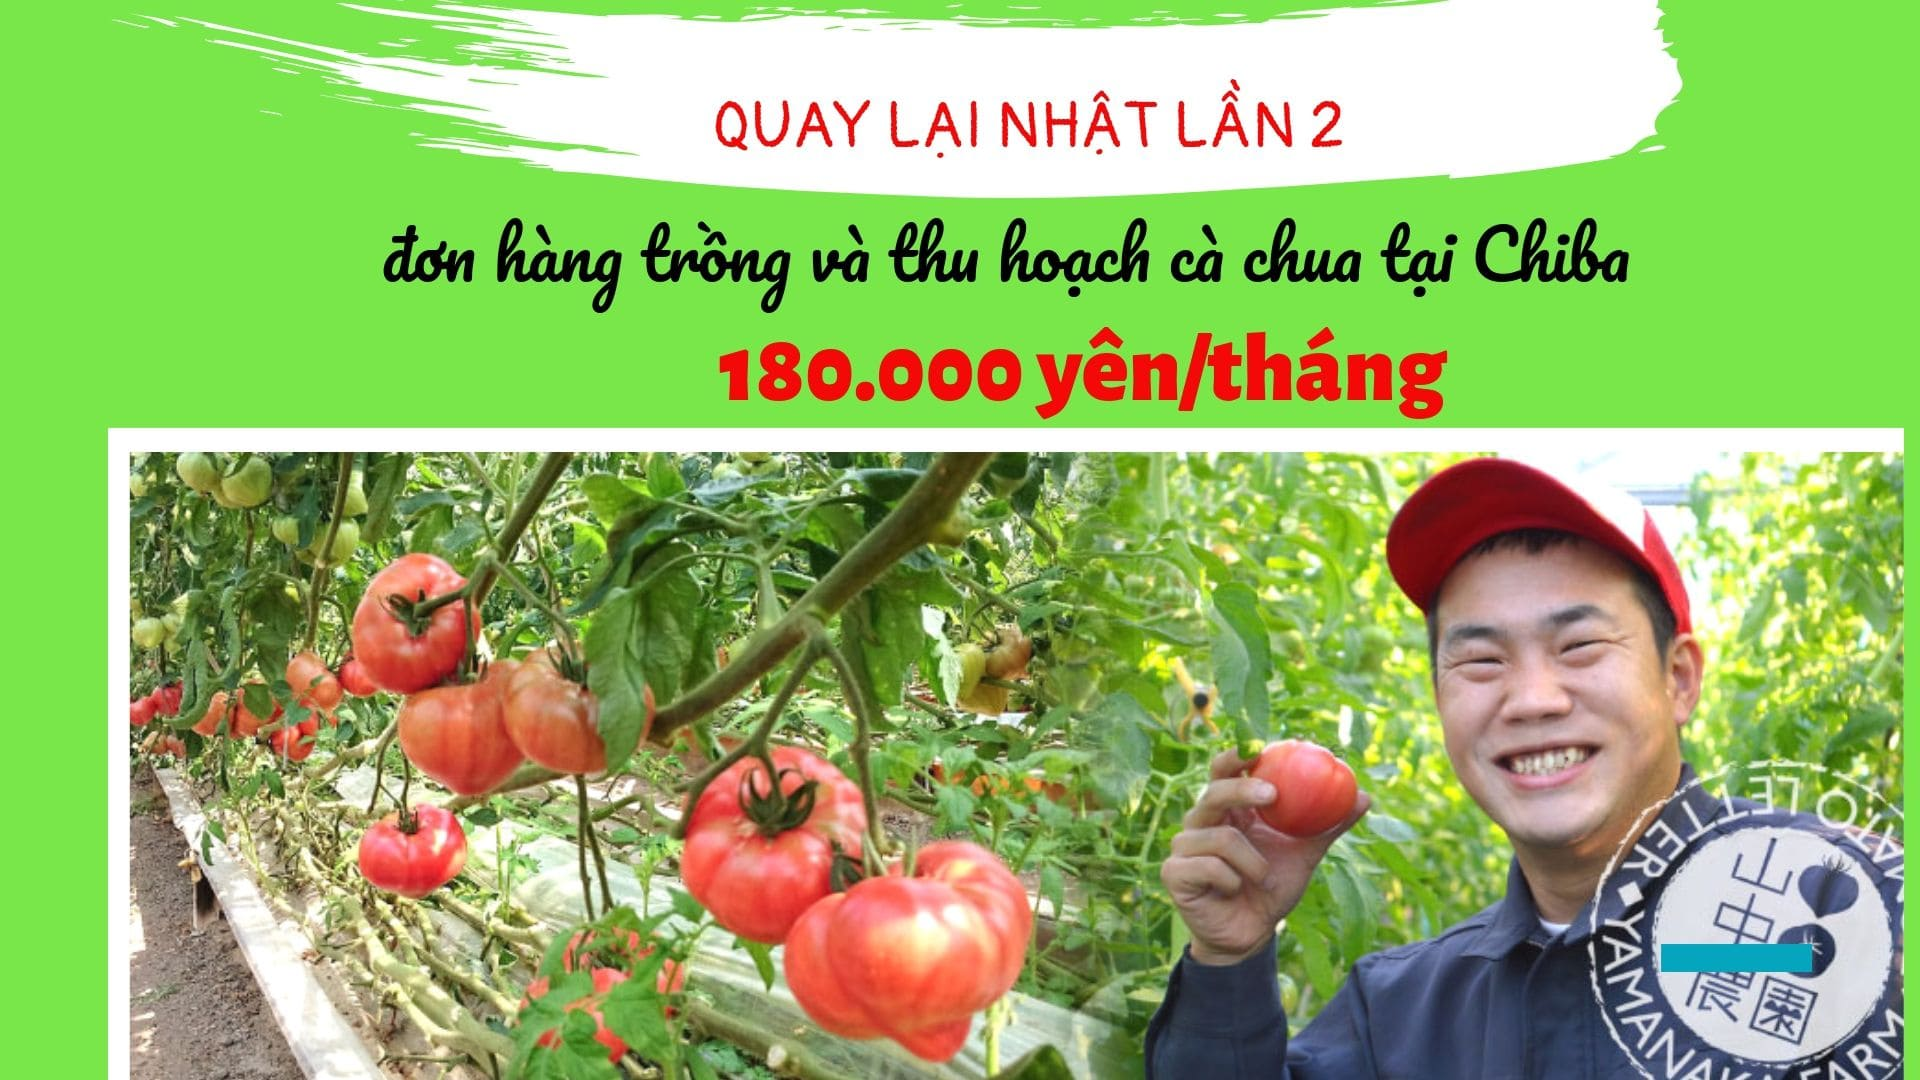 Đơn hàng trồng và thu hoạch cà chua quay lại Nhật lần 2 LƯƠNG KHỦNG, đăng ký ngay!